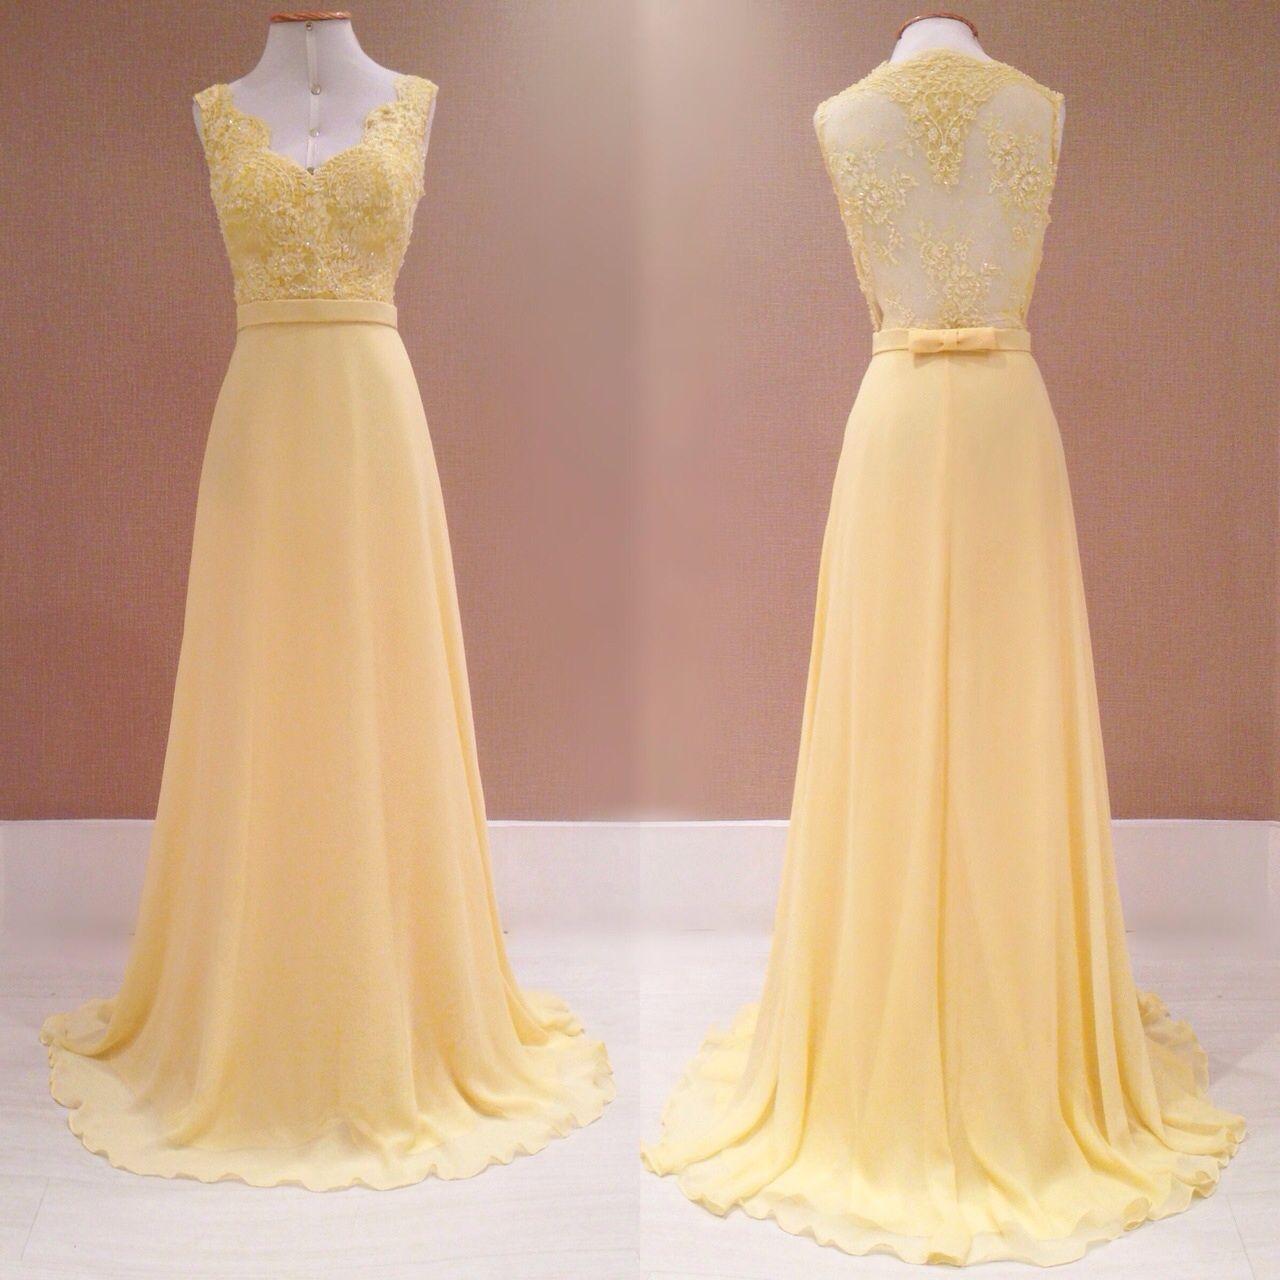 Vestido social amarelo de renda